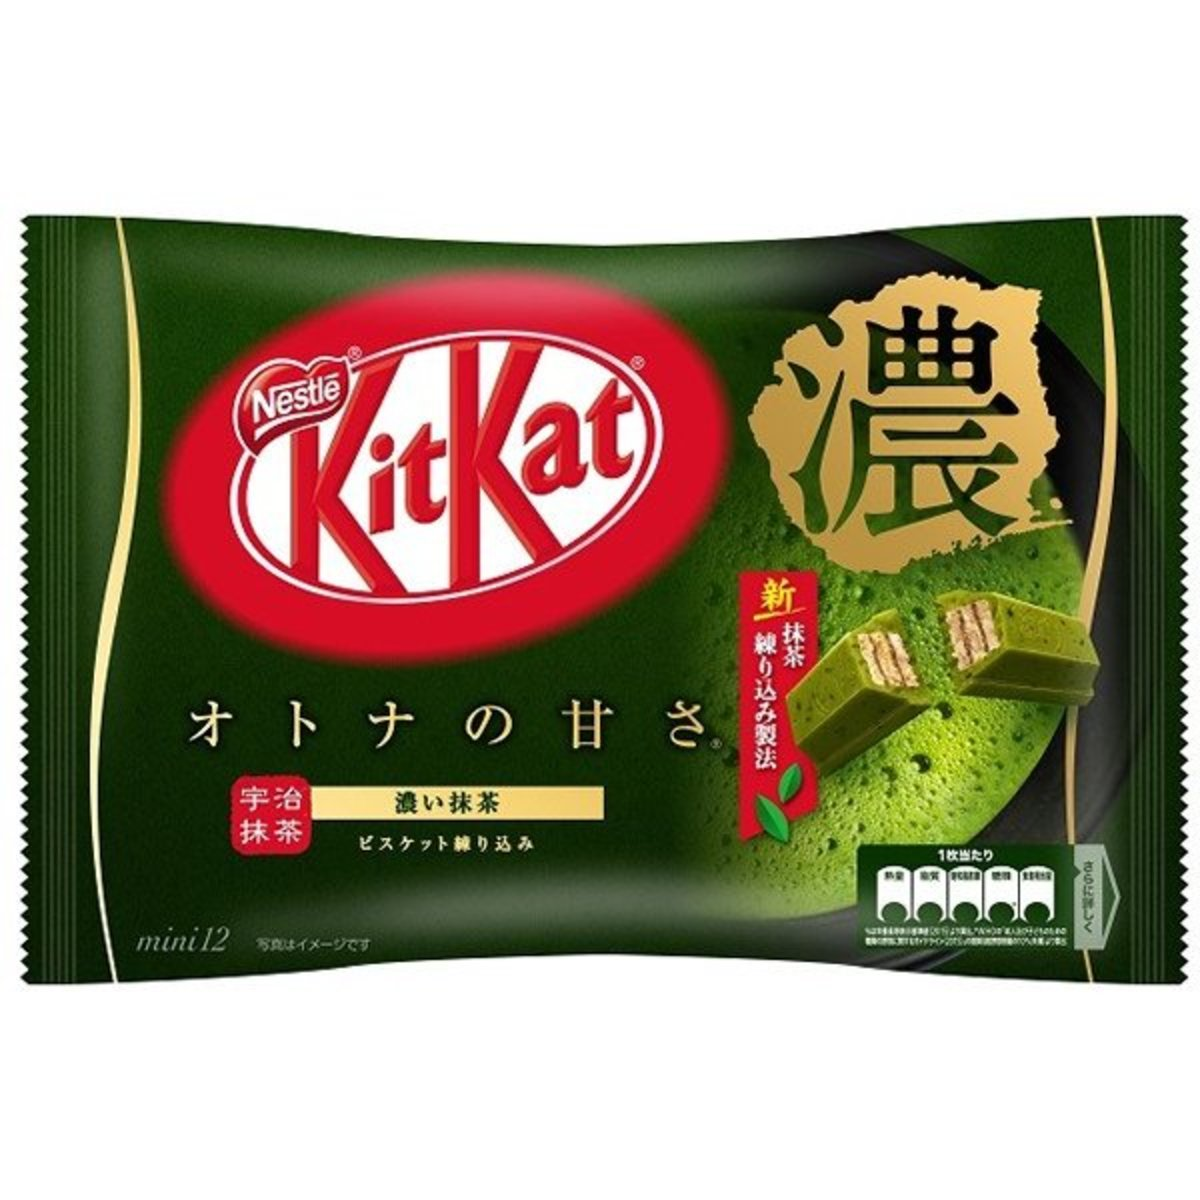 香濃抹茶 KitKat 朱古力 12's